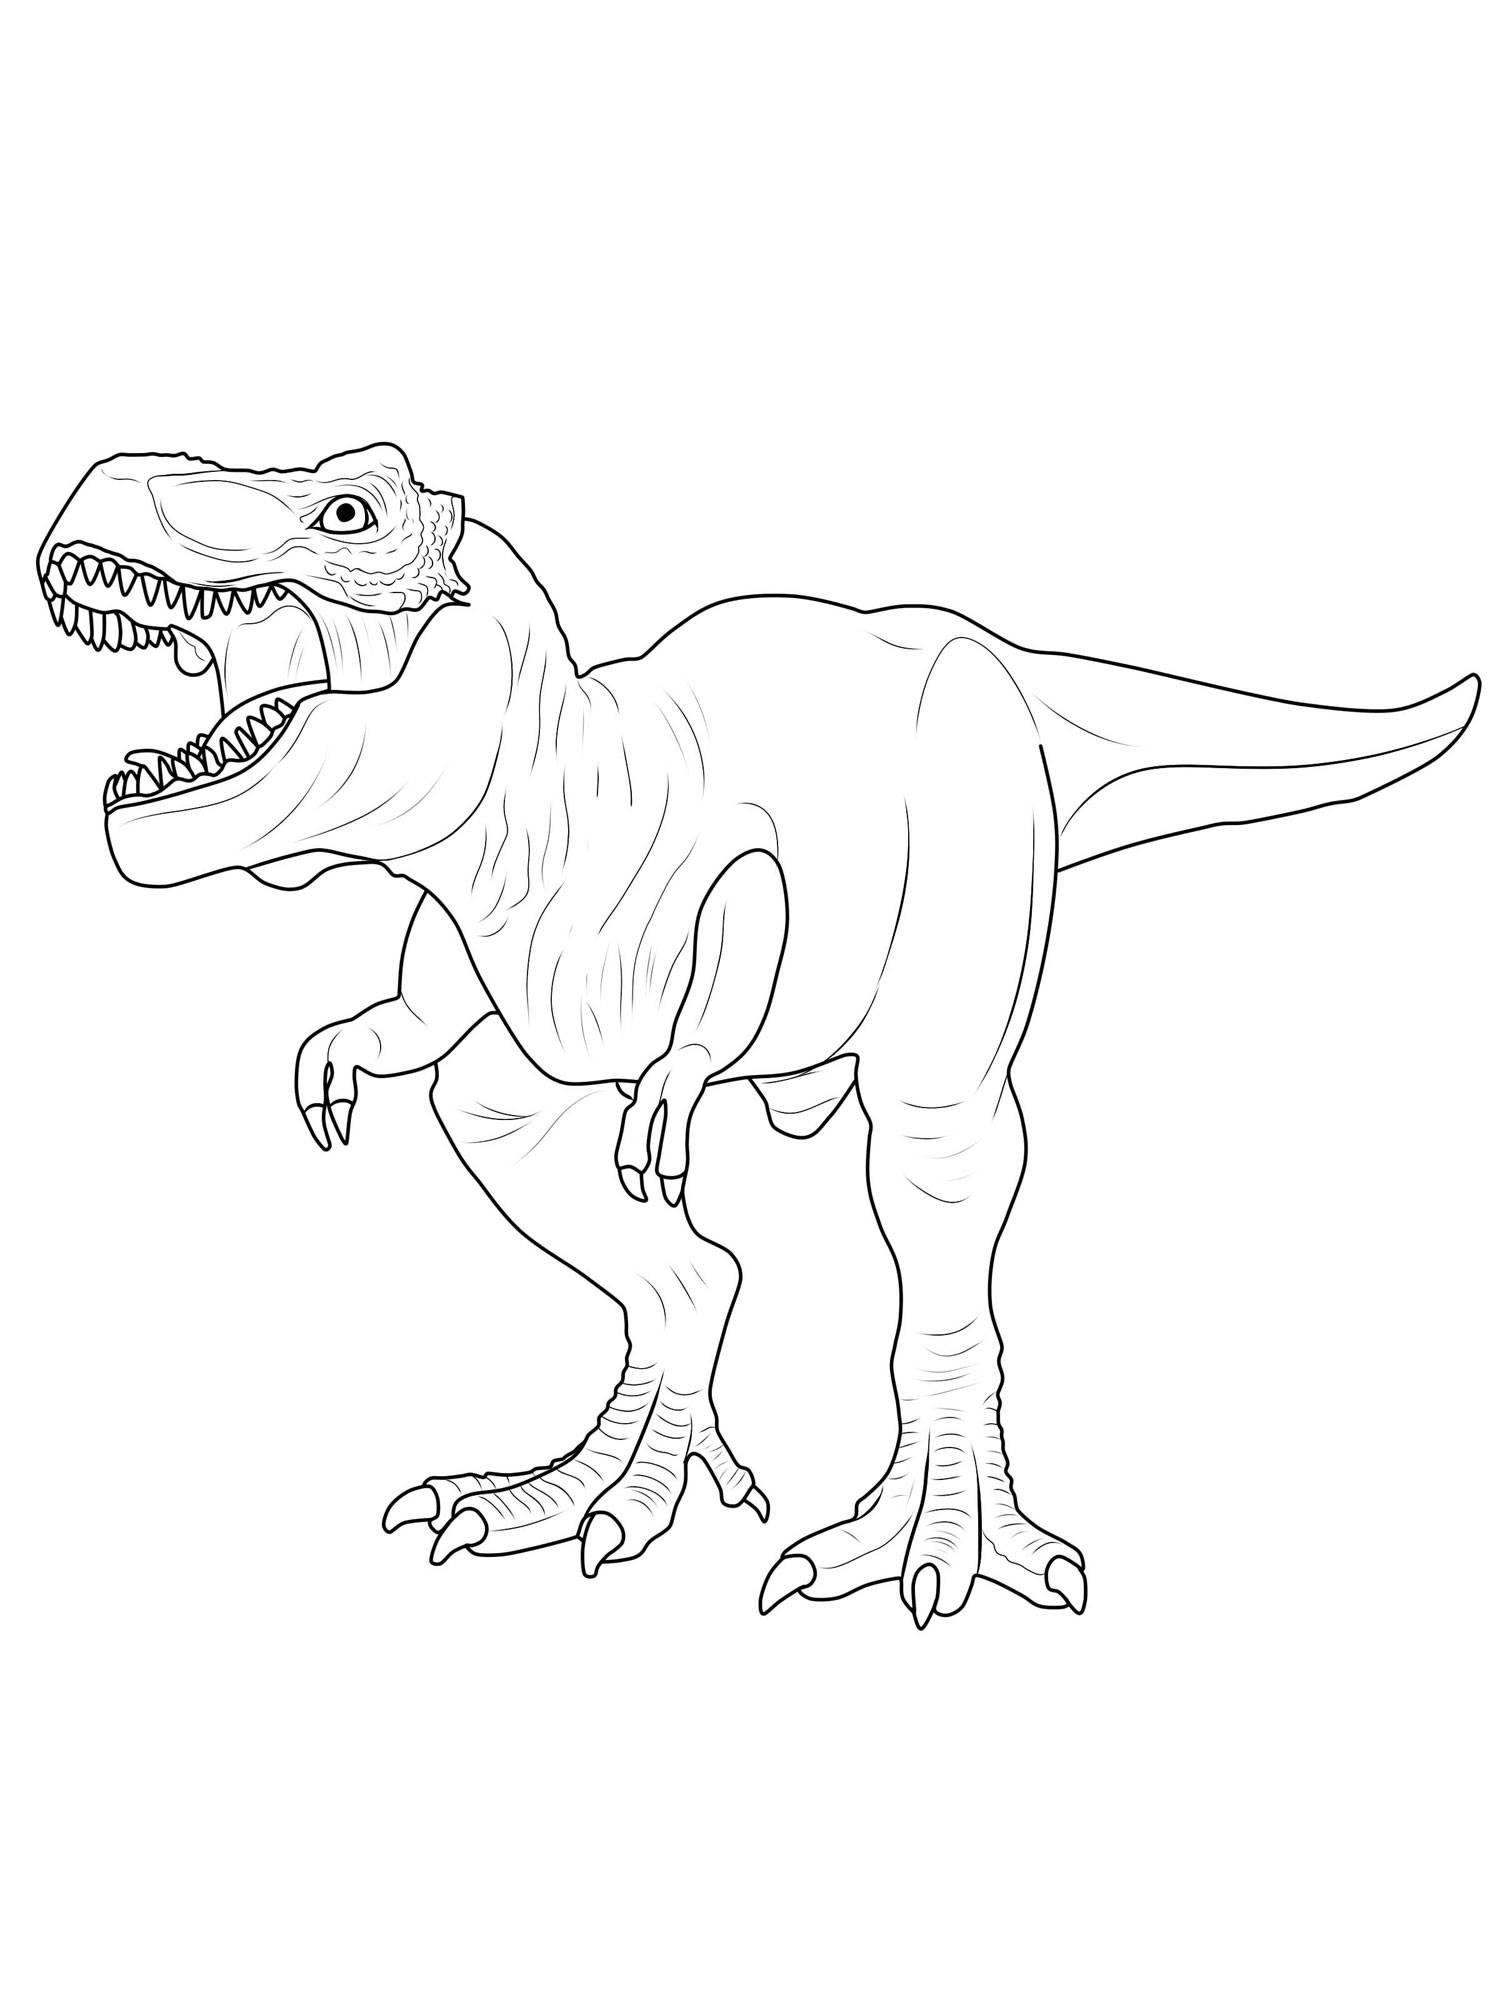 Tyrannosaurus Rex Ausmalbilder  Ausmalbild Dinosaurier und Steinzeit Dinosaurier ausmalen